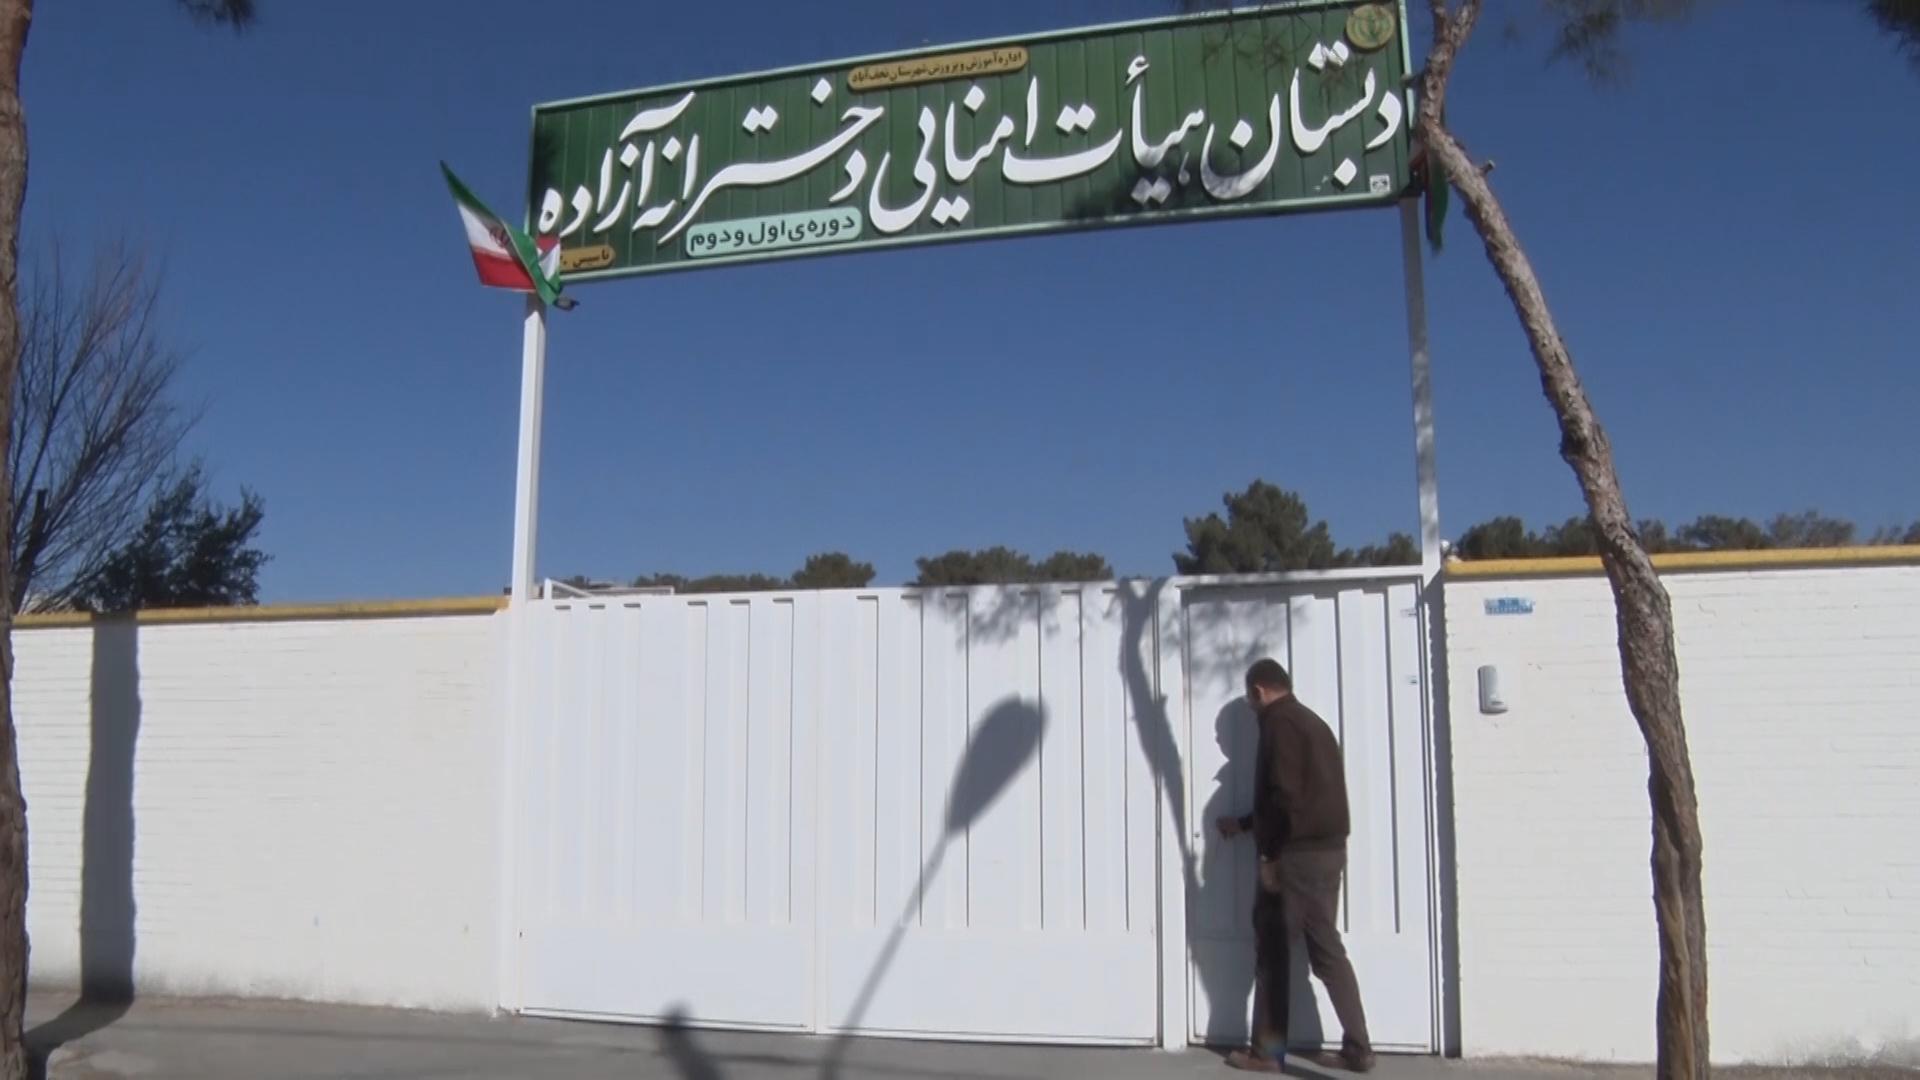 فعالیت شش مدرسه سبز در نجف آباد+فیلم و تصاویر